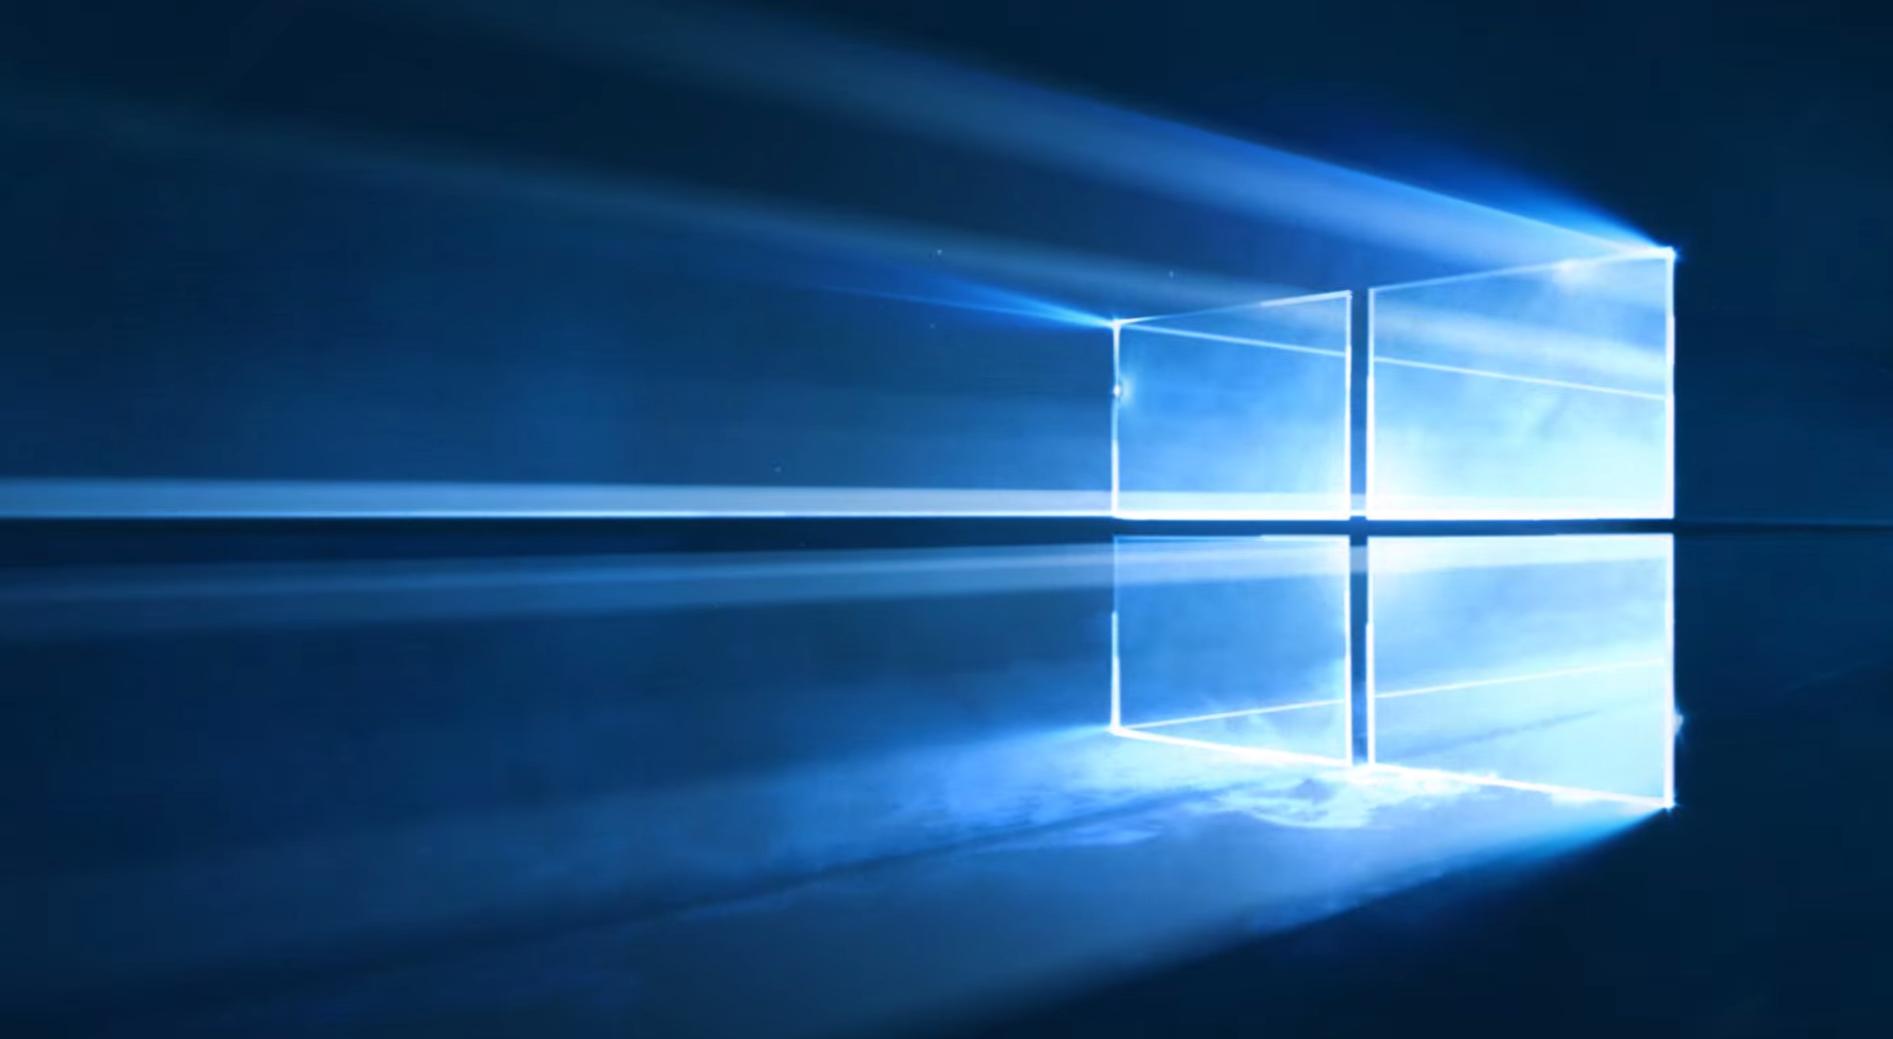 windows 10 32 bit free download full version 2017